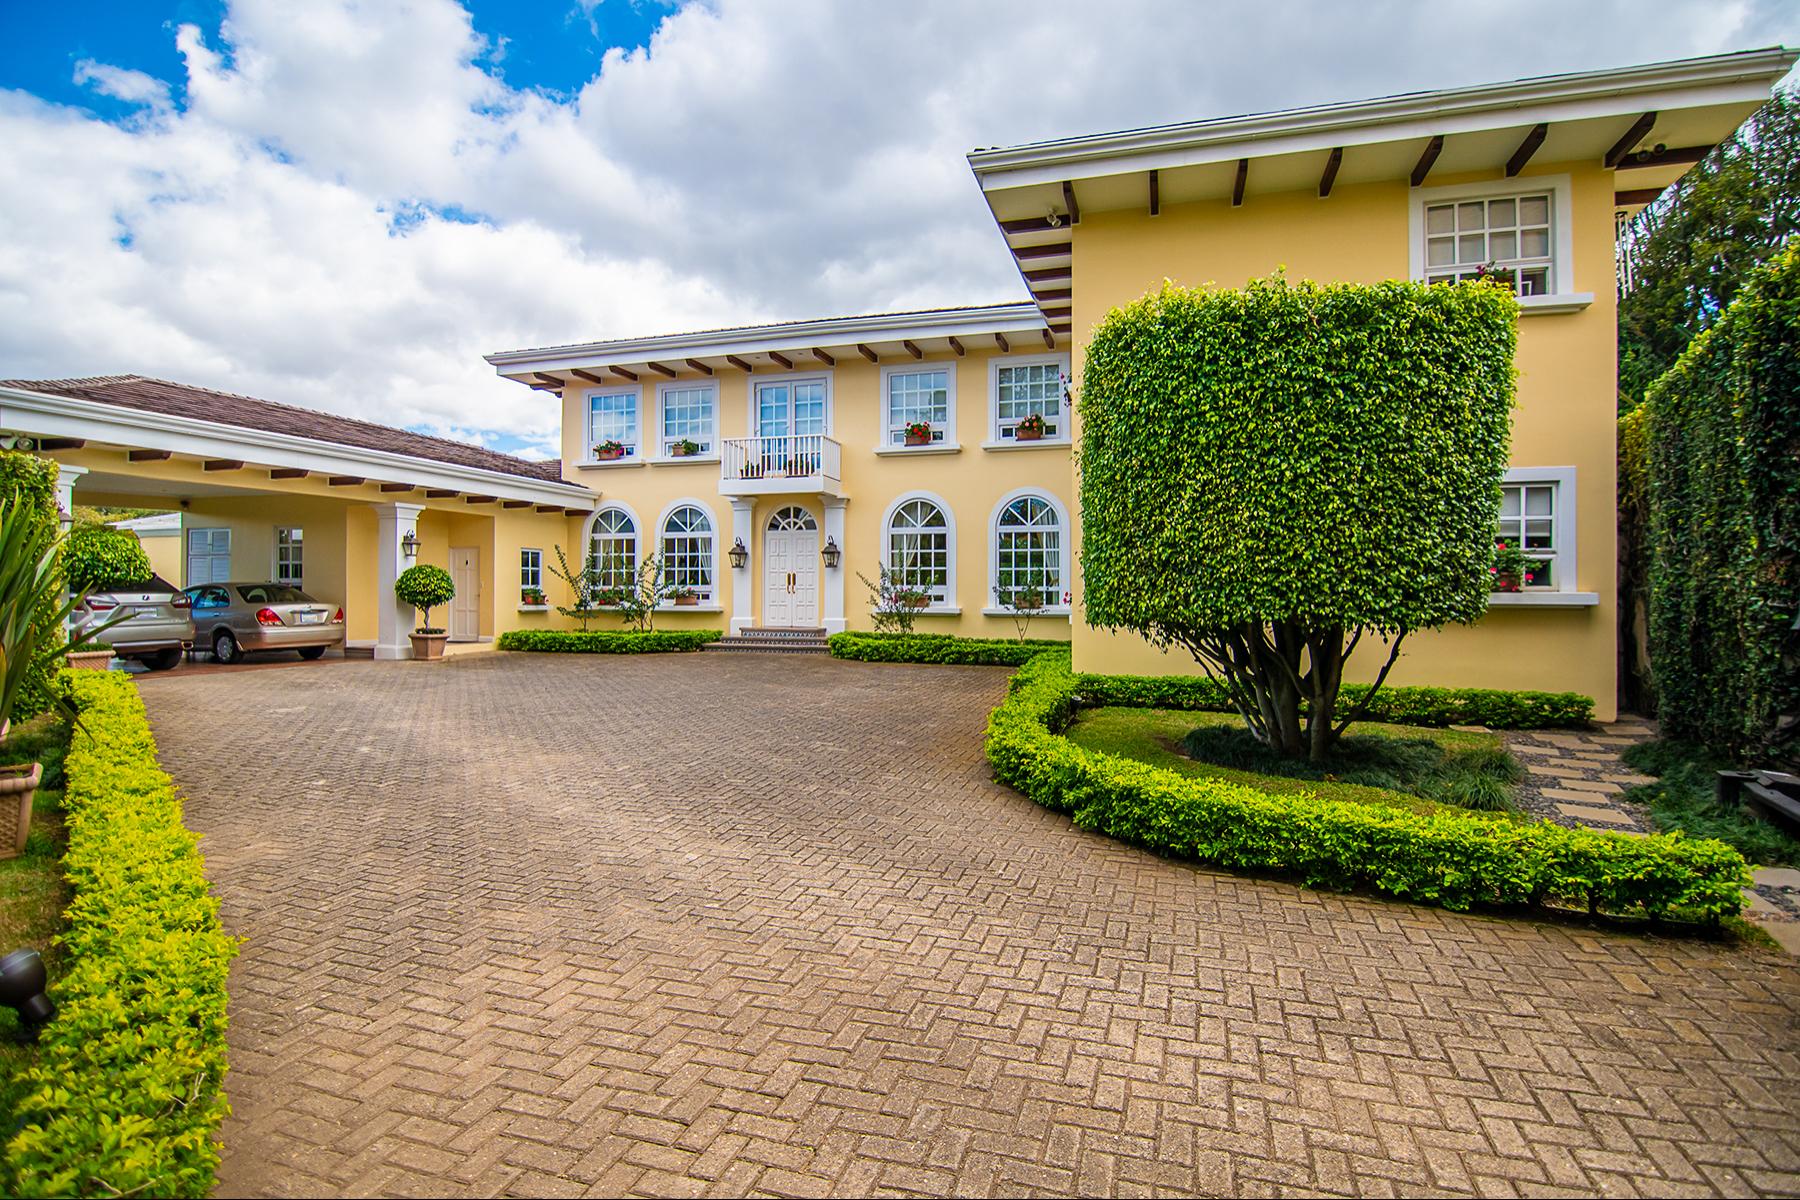 Single Family Homes for Sale at Laurels Manor, Escazú Escazu, San Jose Costa Rica